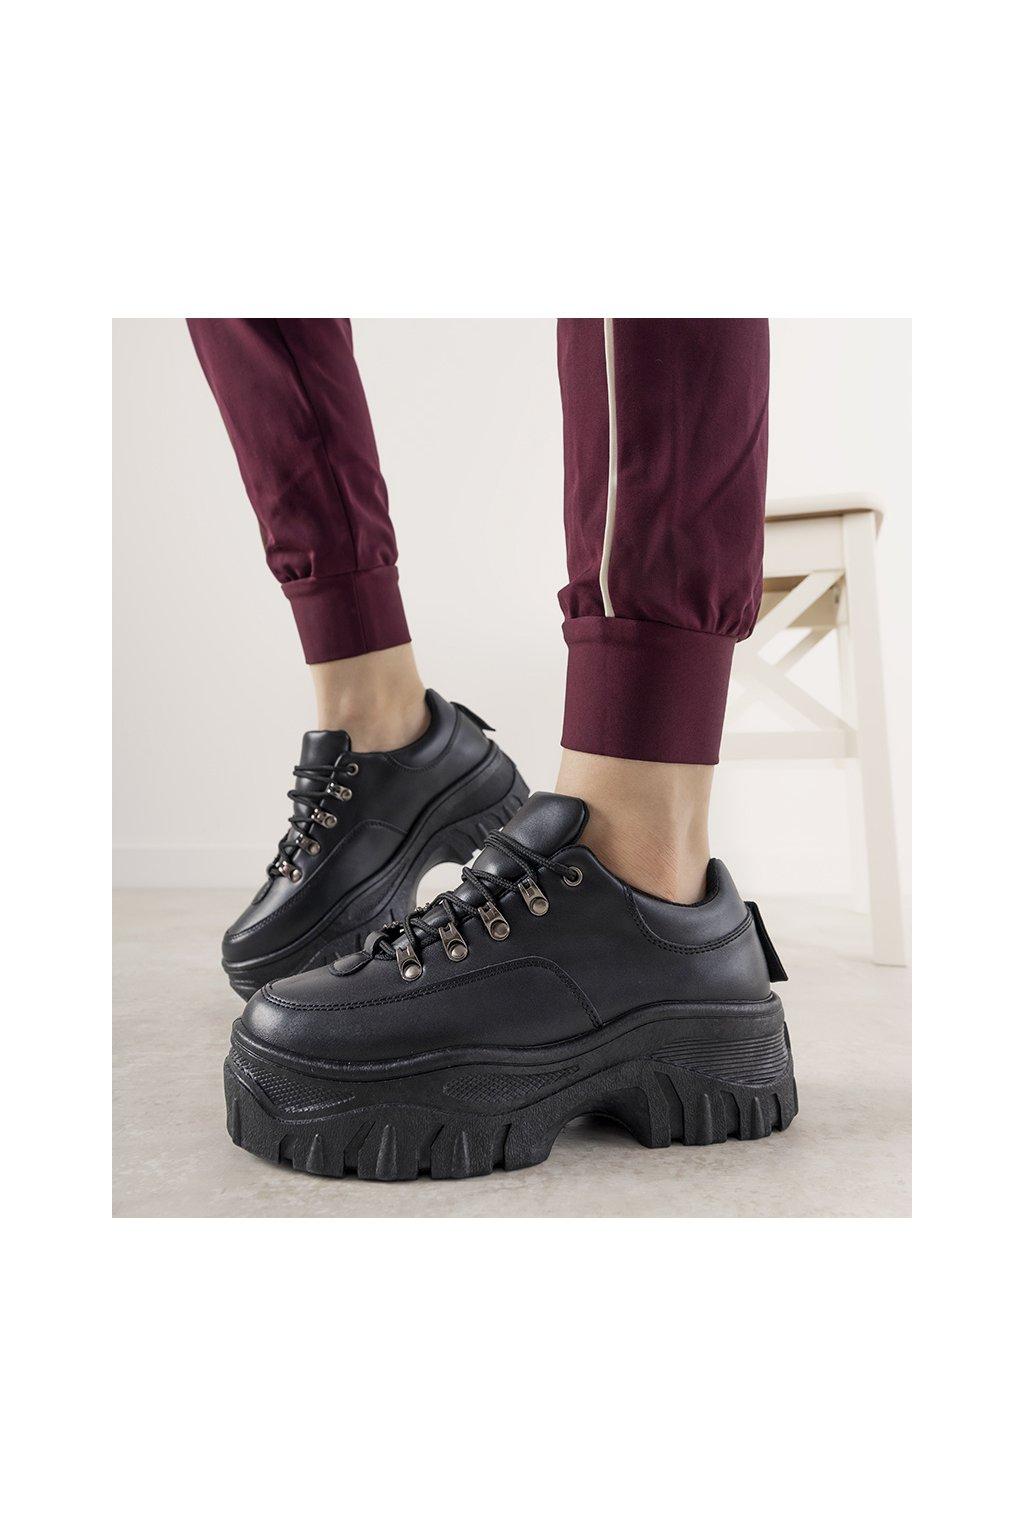 Dámske topánky tenisky čierne kód 6291 - GM